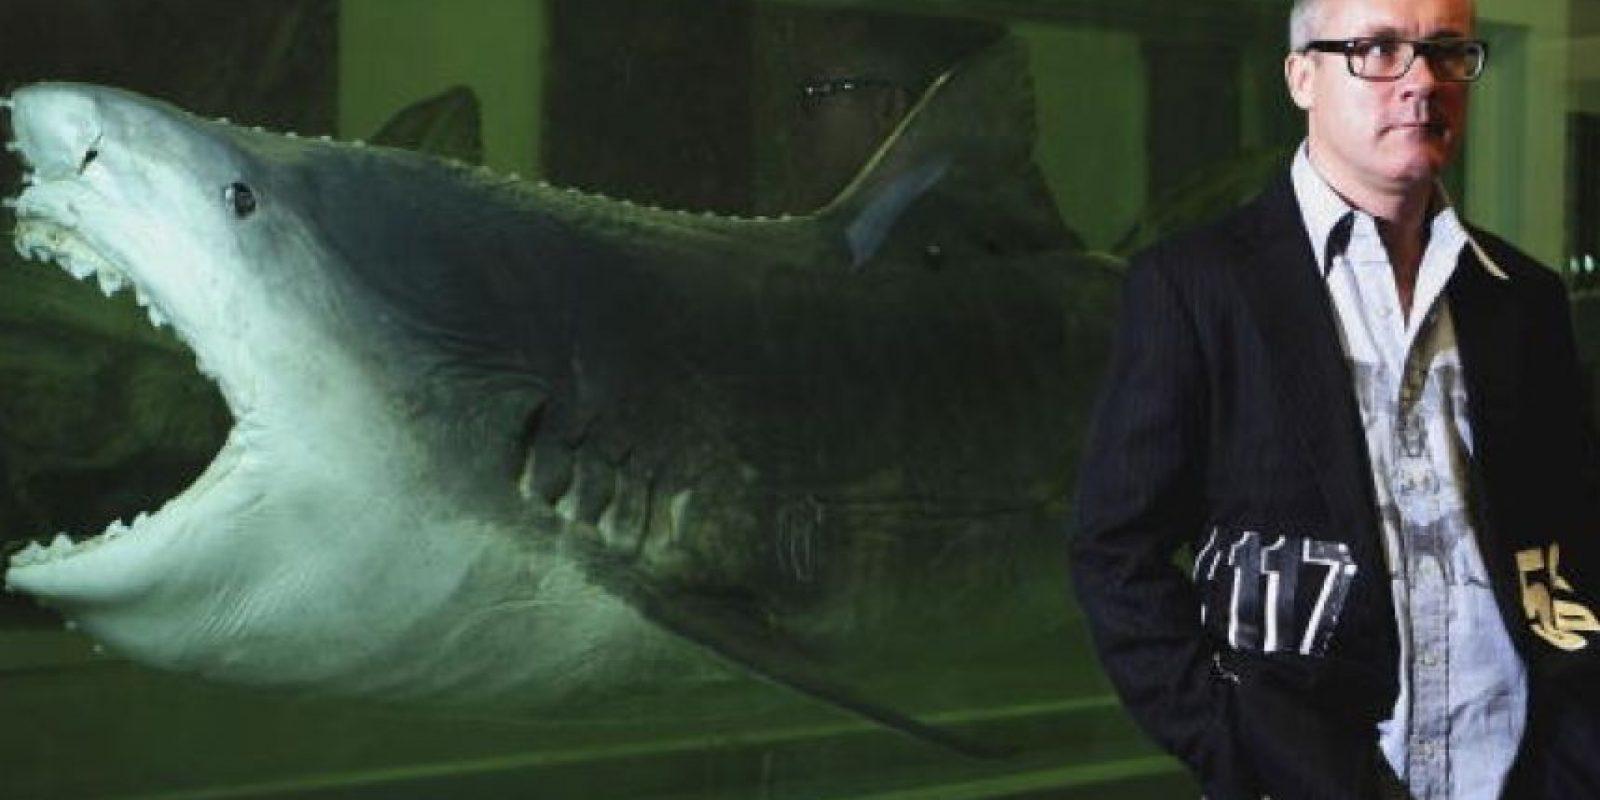 El tiburón tigre come prácticamente cualquier cosa que encuentre, incluyendo basura humana. Foto:Getty Images